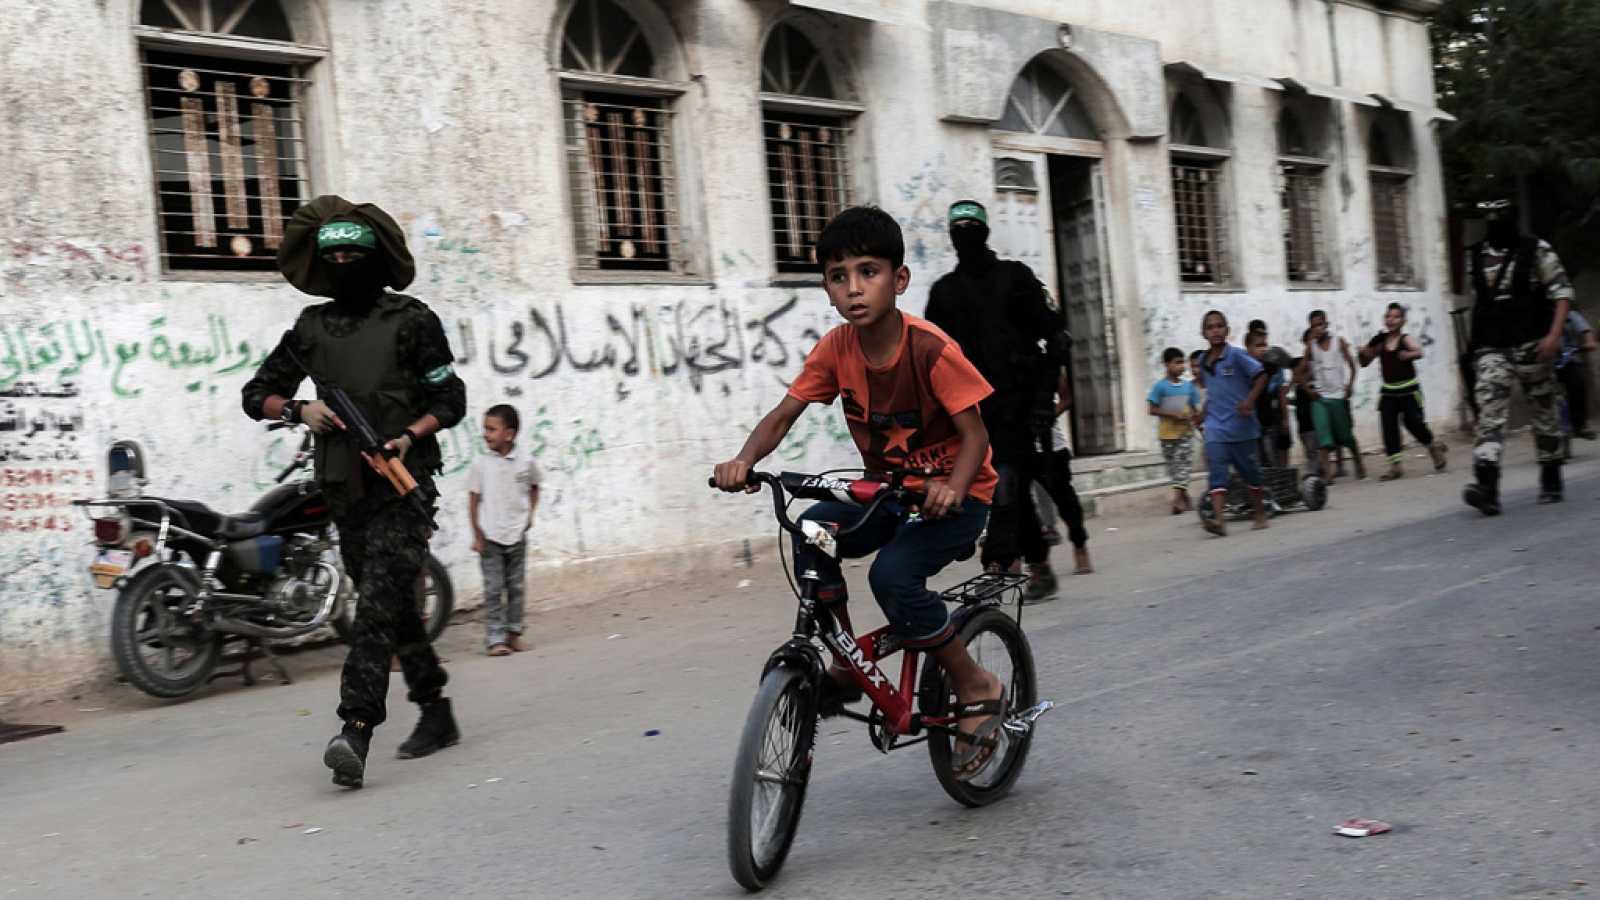 Hamás disolverá el Comité Administrativo que gestiona Gaza y acepta celebrar elecciones